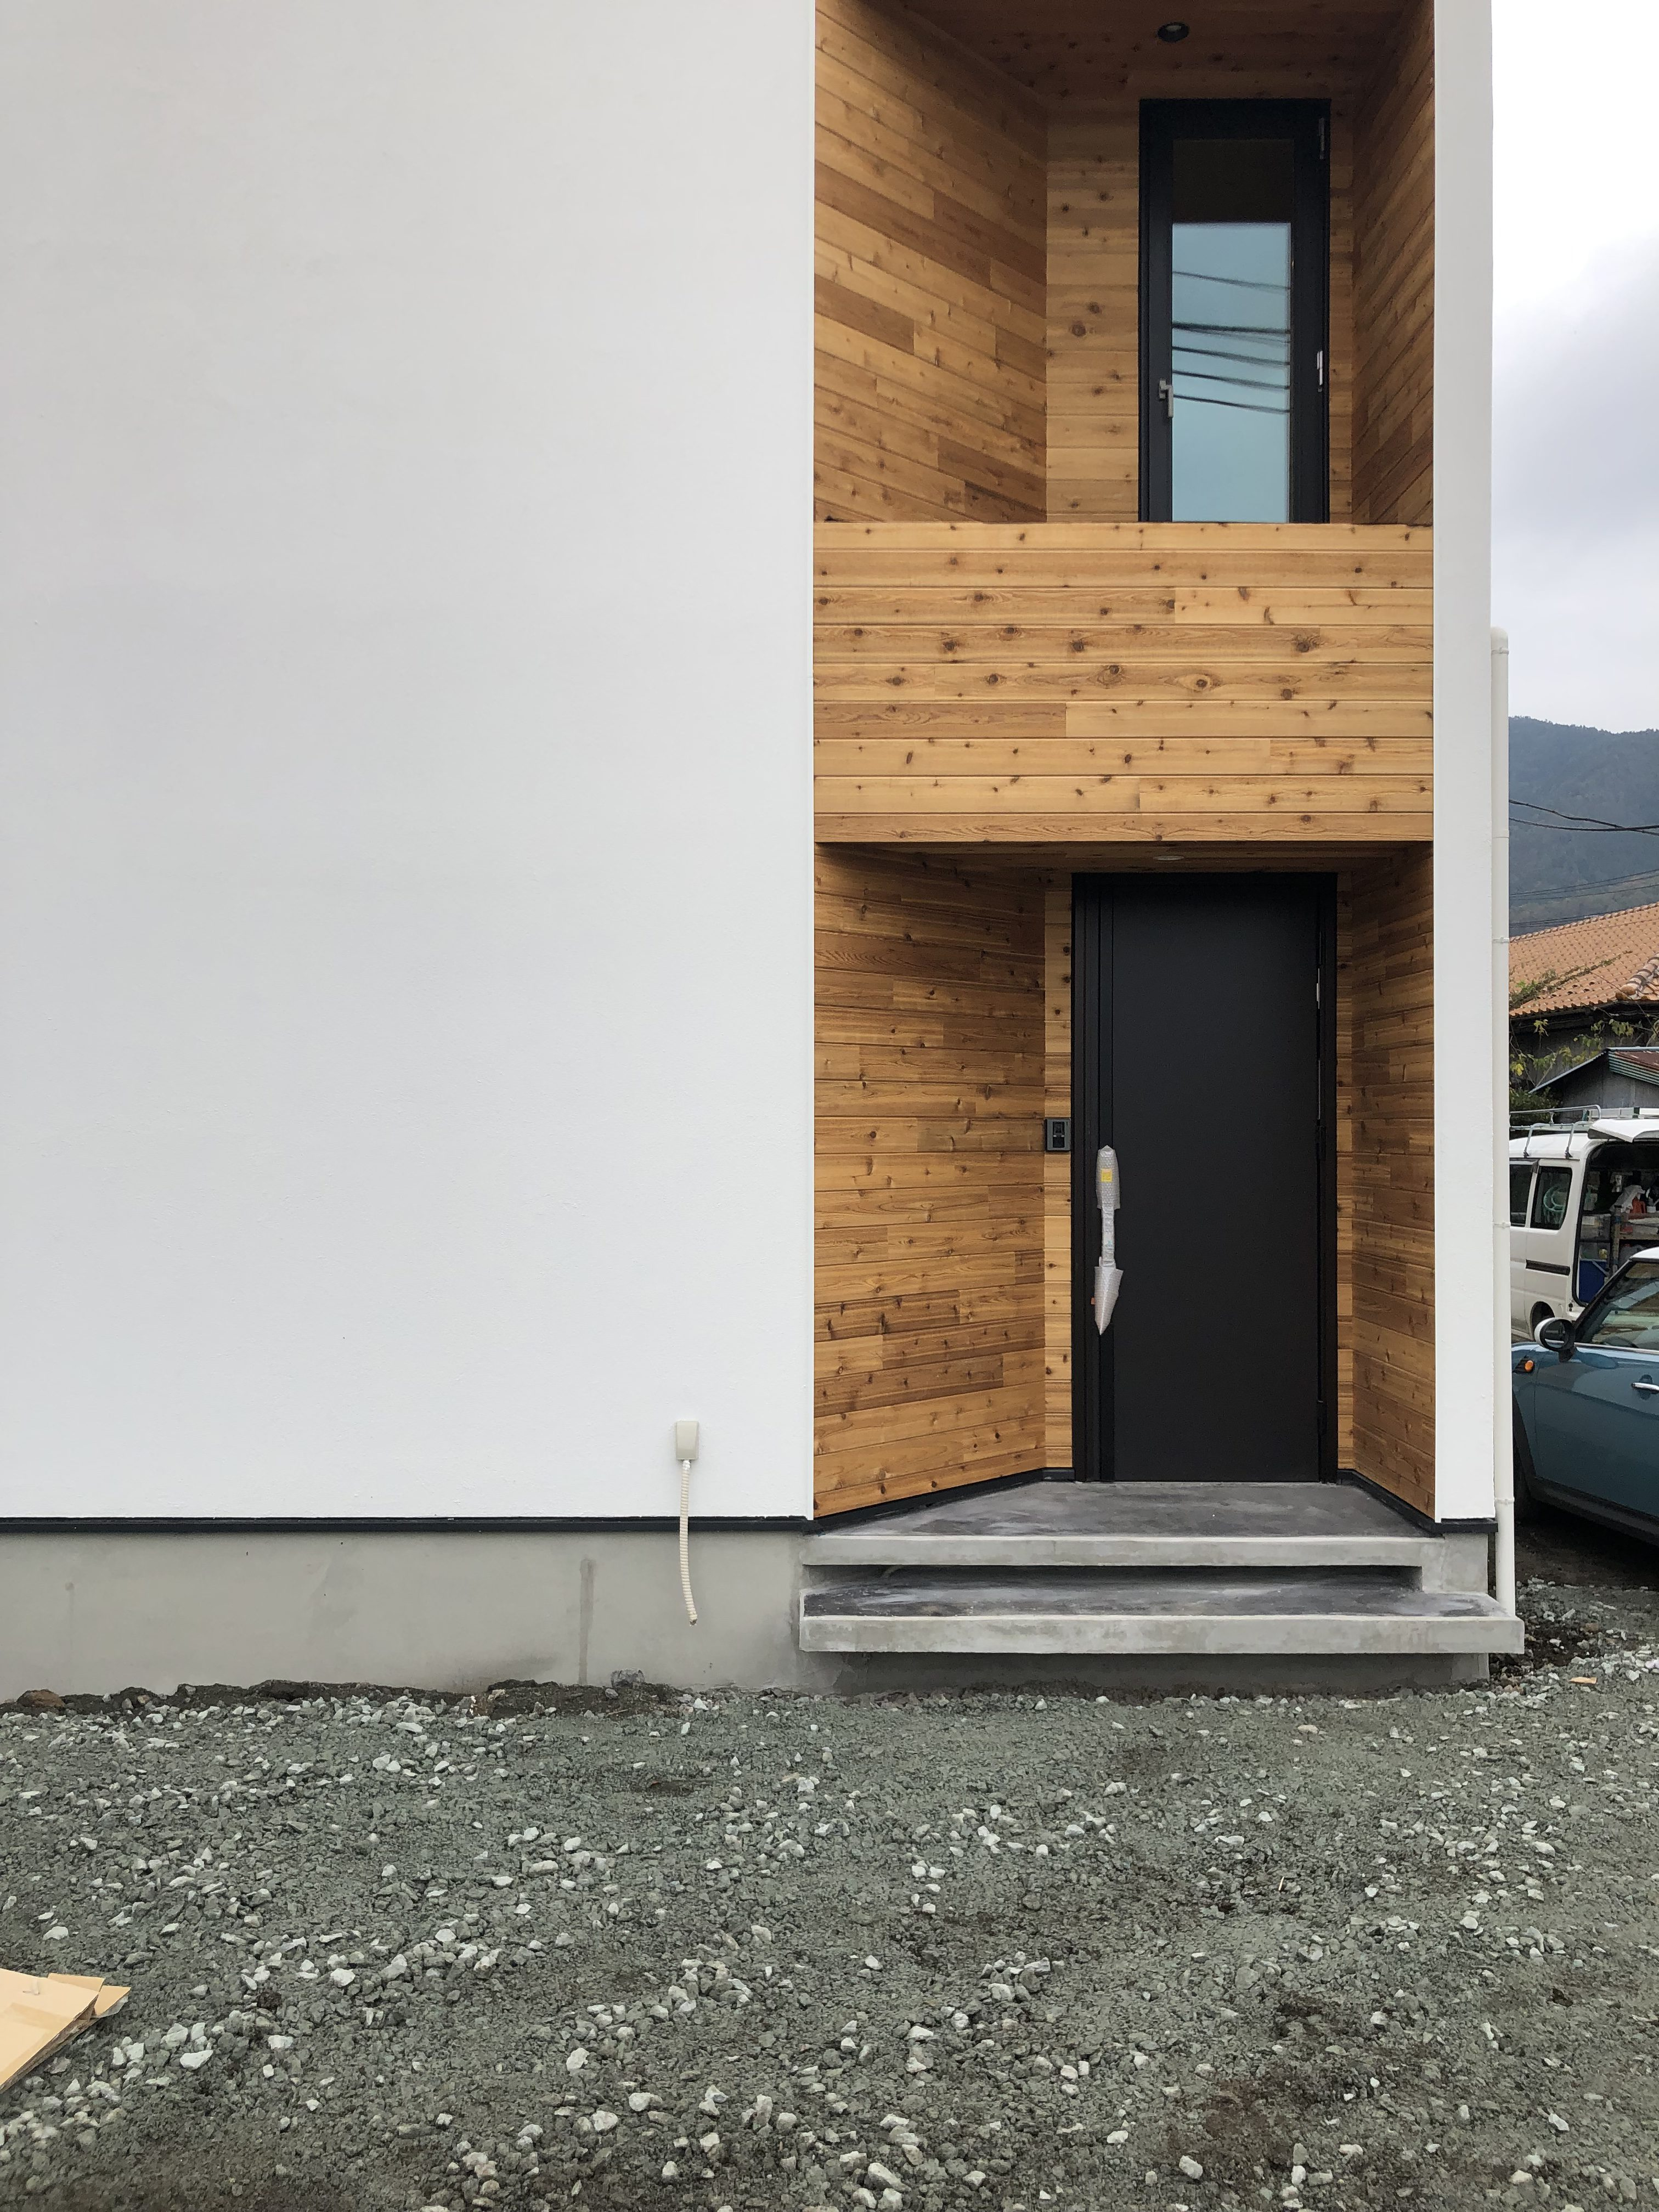 山梨県の工務店、未来建築工房とつくる注文住宅。|都留市ホテルライク スタイルの家、おしゃれな外観